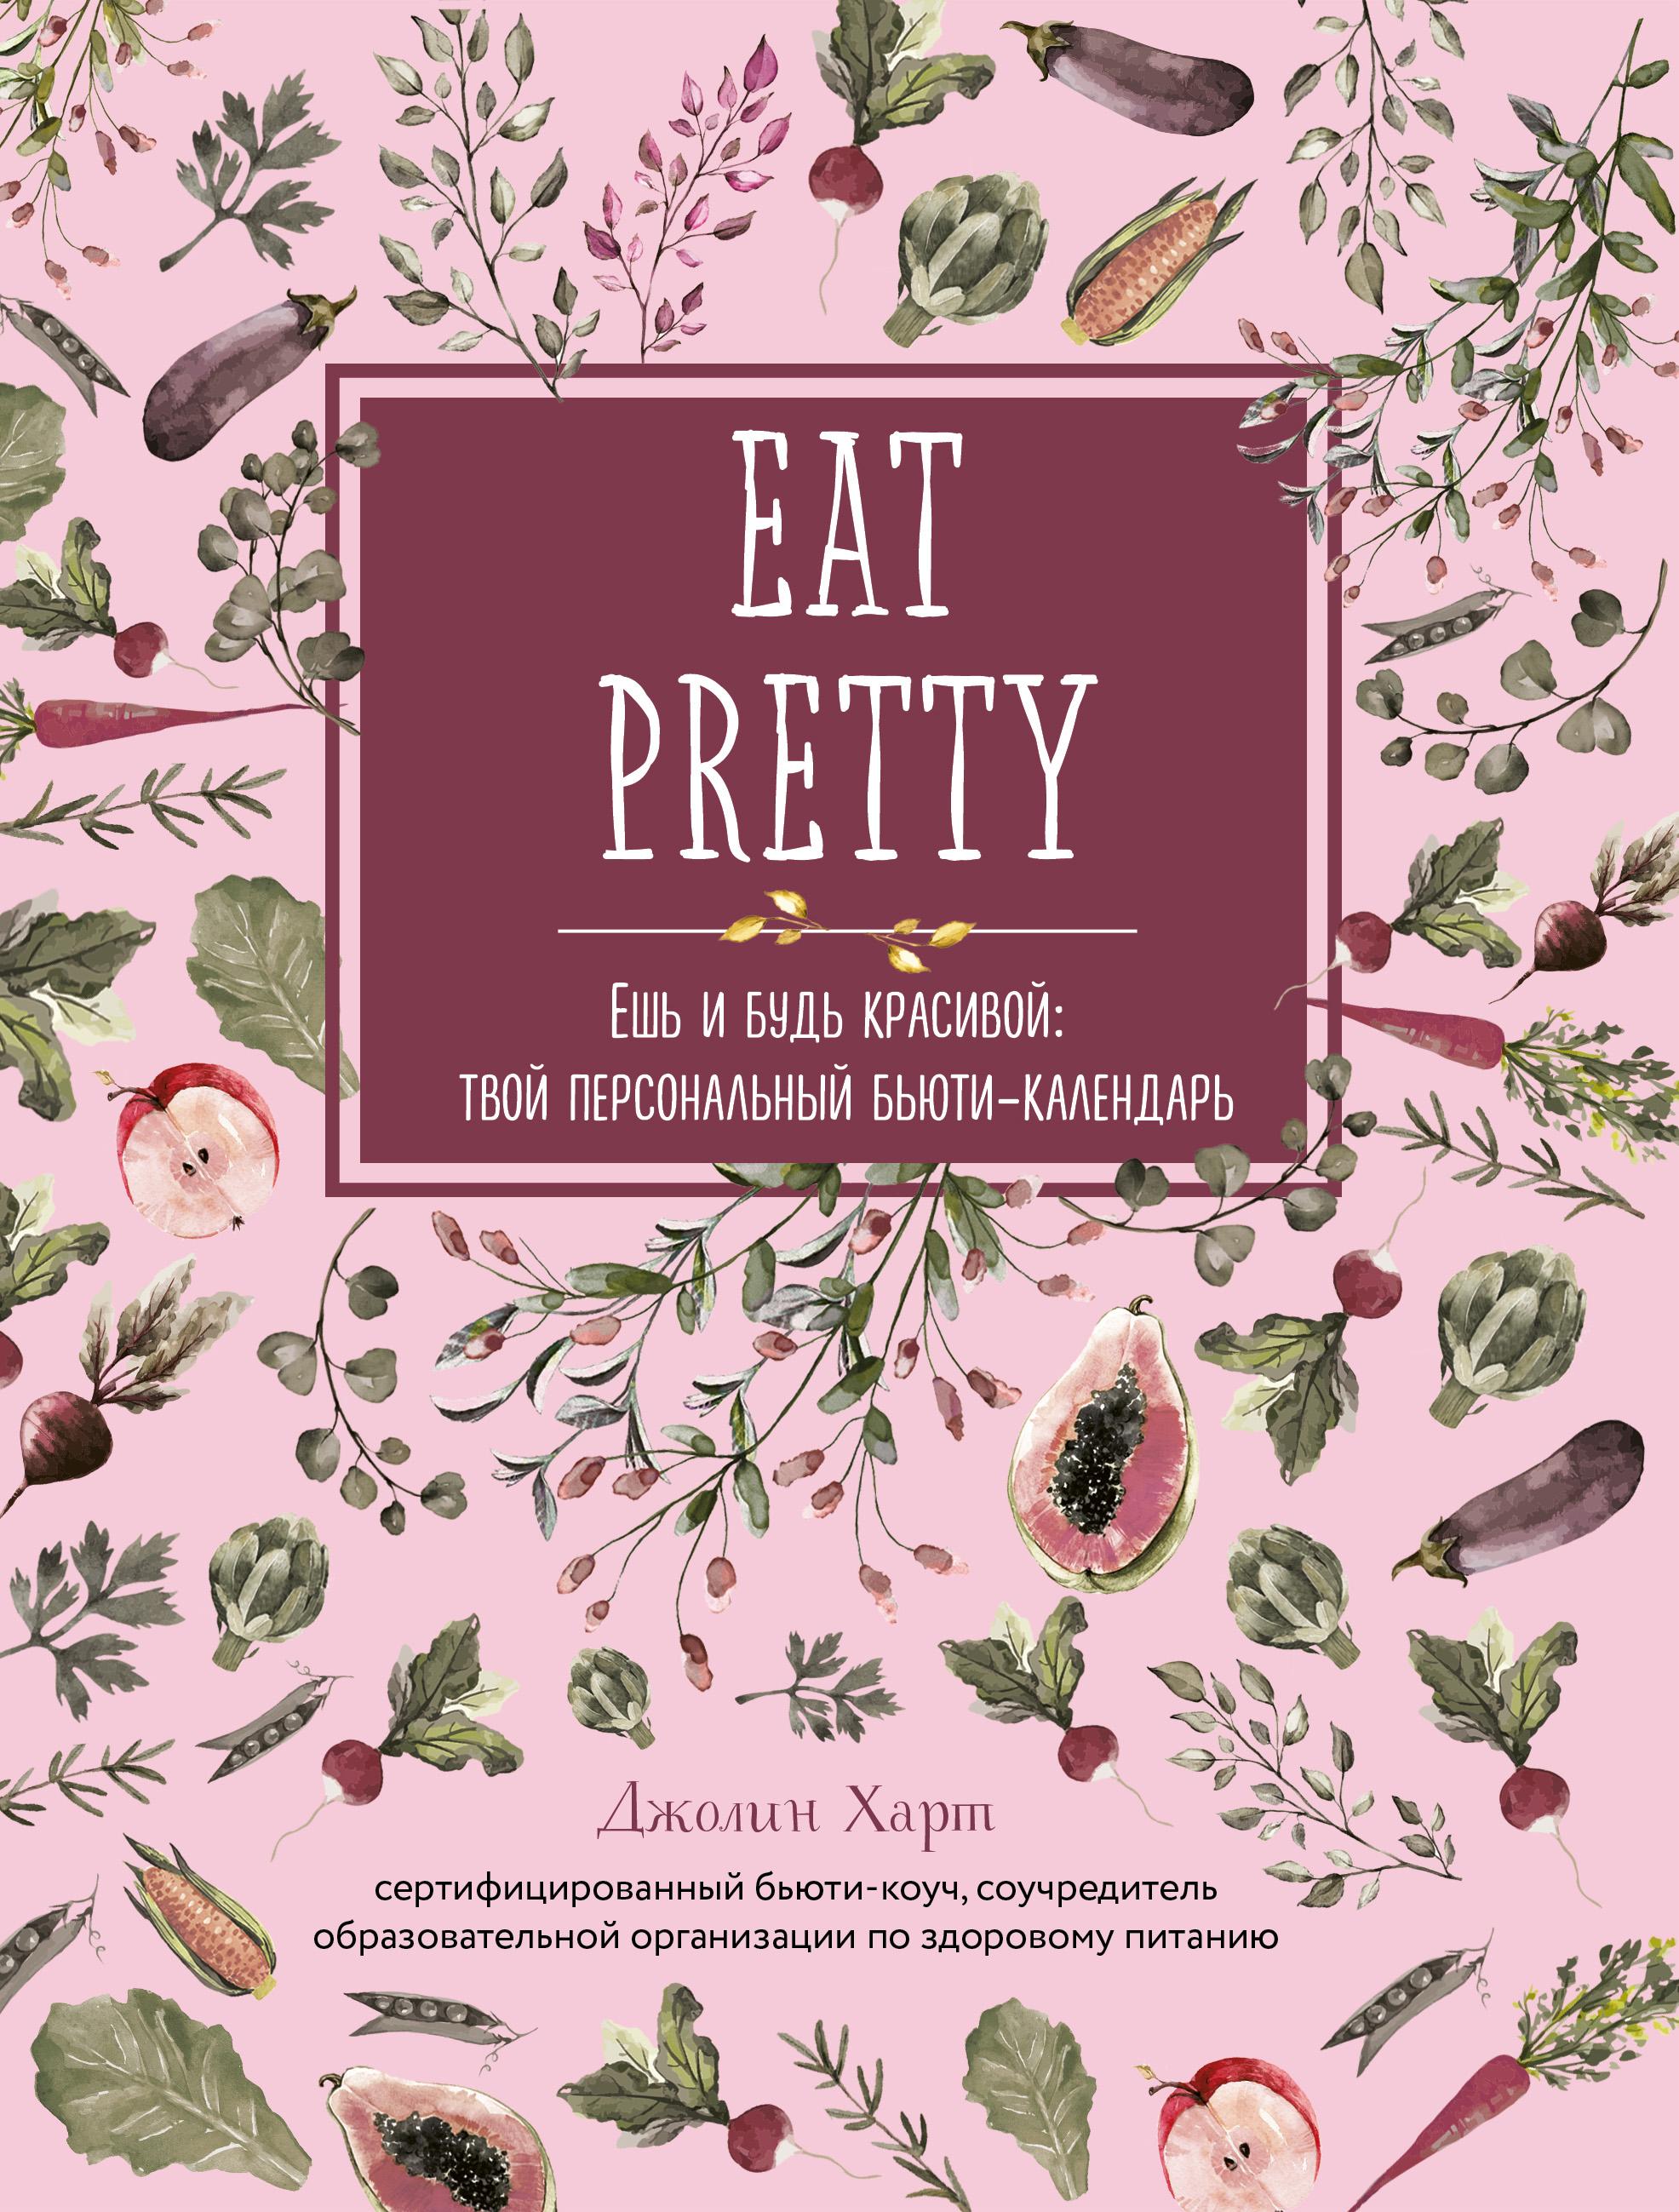 Ешь и будь красивой